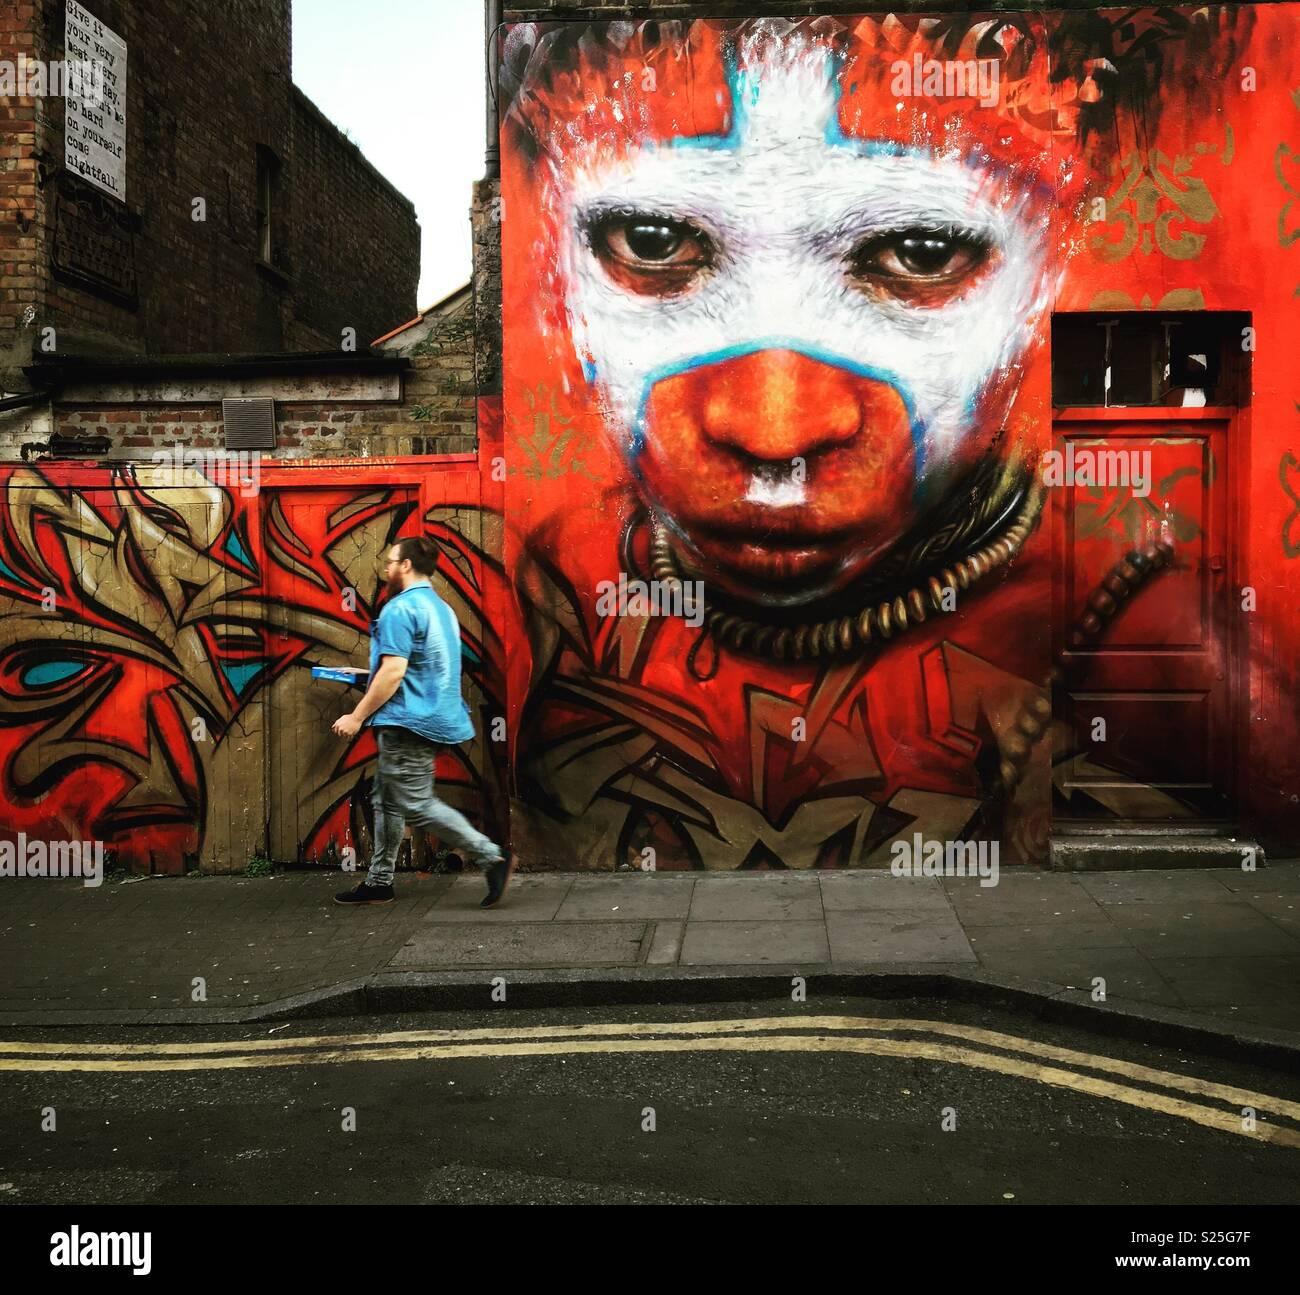 Kerl hinter Gebäude mit street art in East London Stockbild